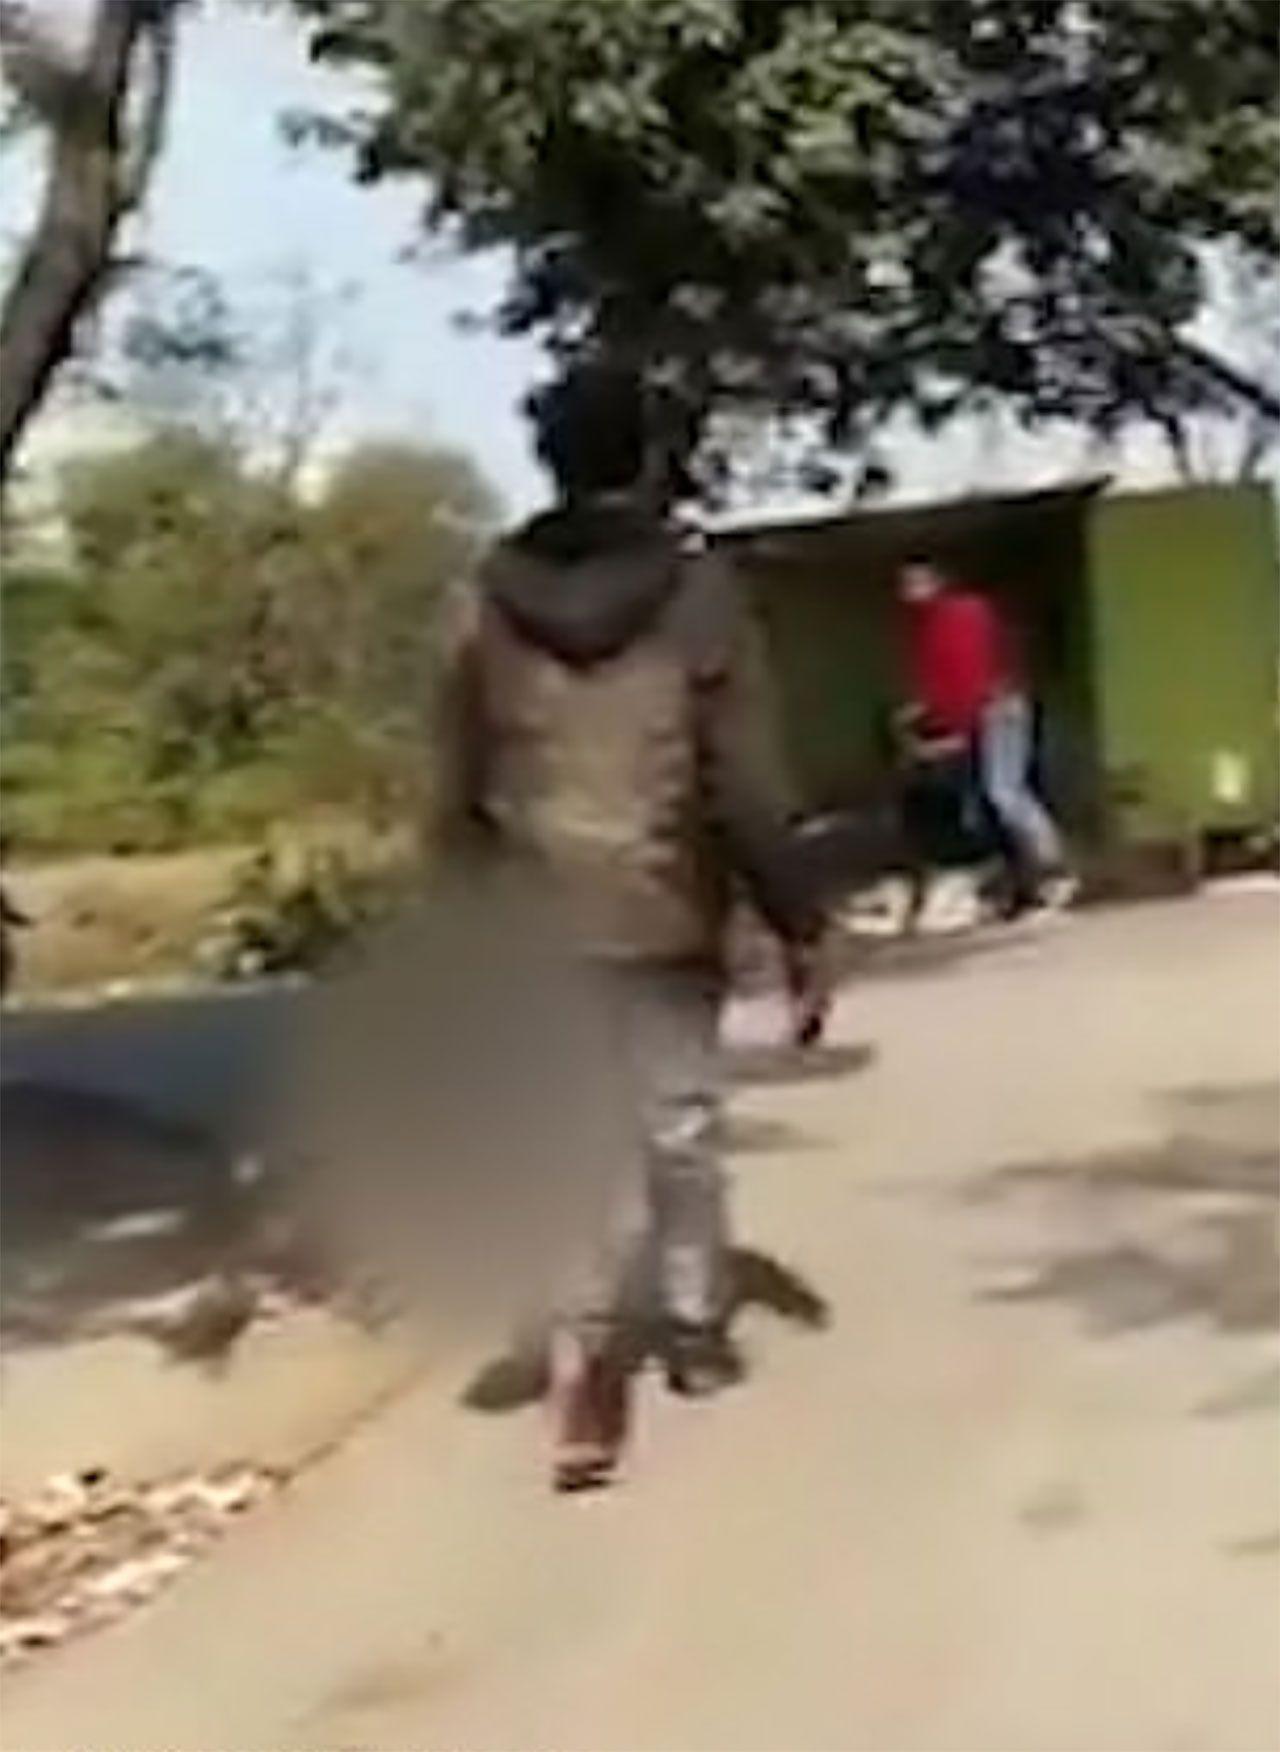 Hindistan'da karısını öldüren adam, karısının kafasını kesip yanına aldıktan sonra karakola kadar yürüdü - Sayfa:2